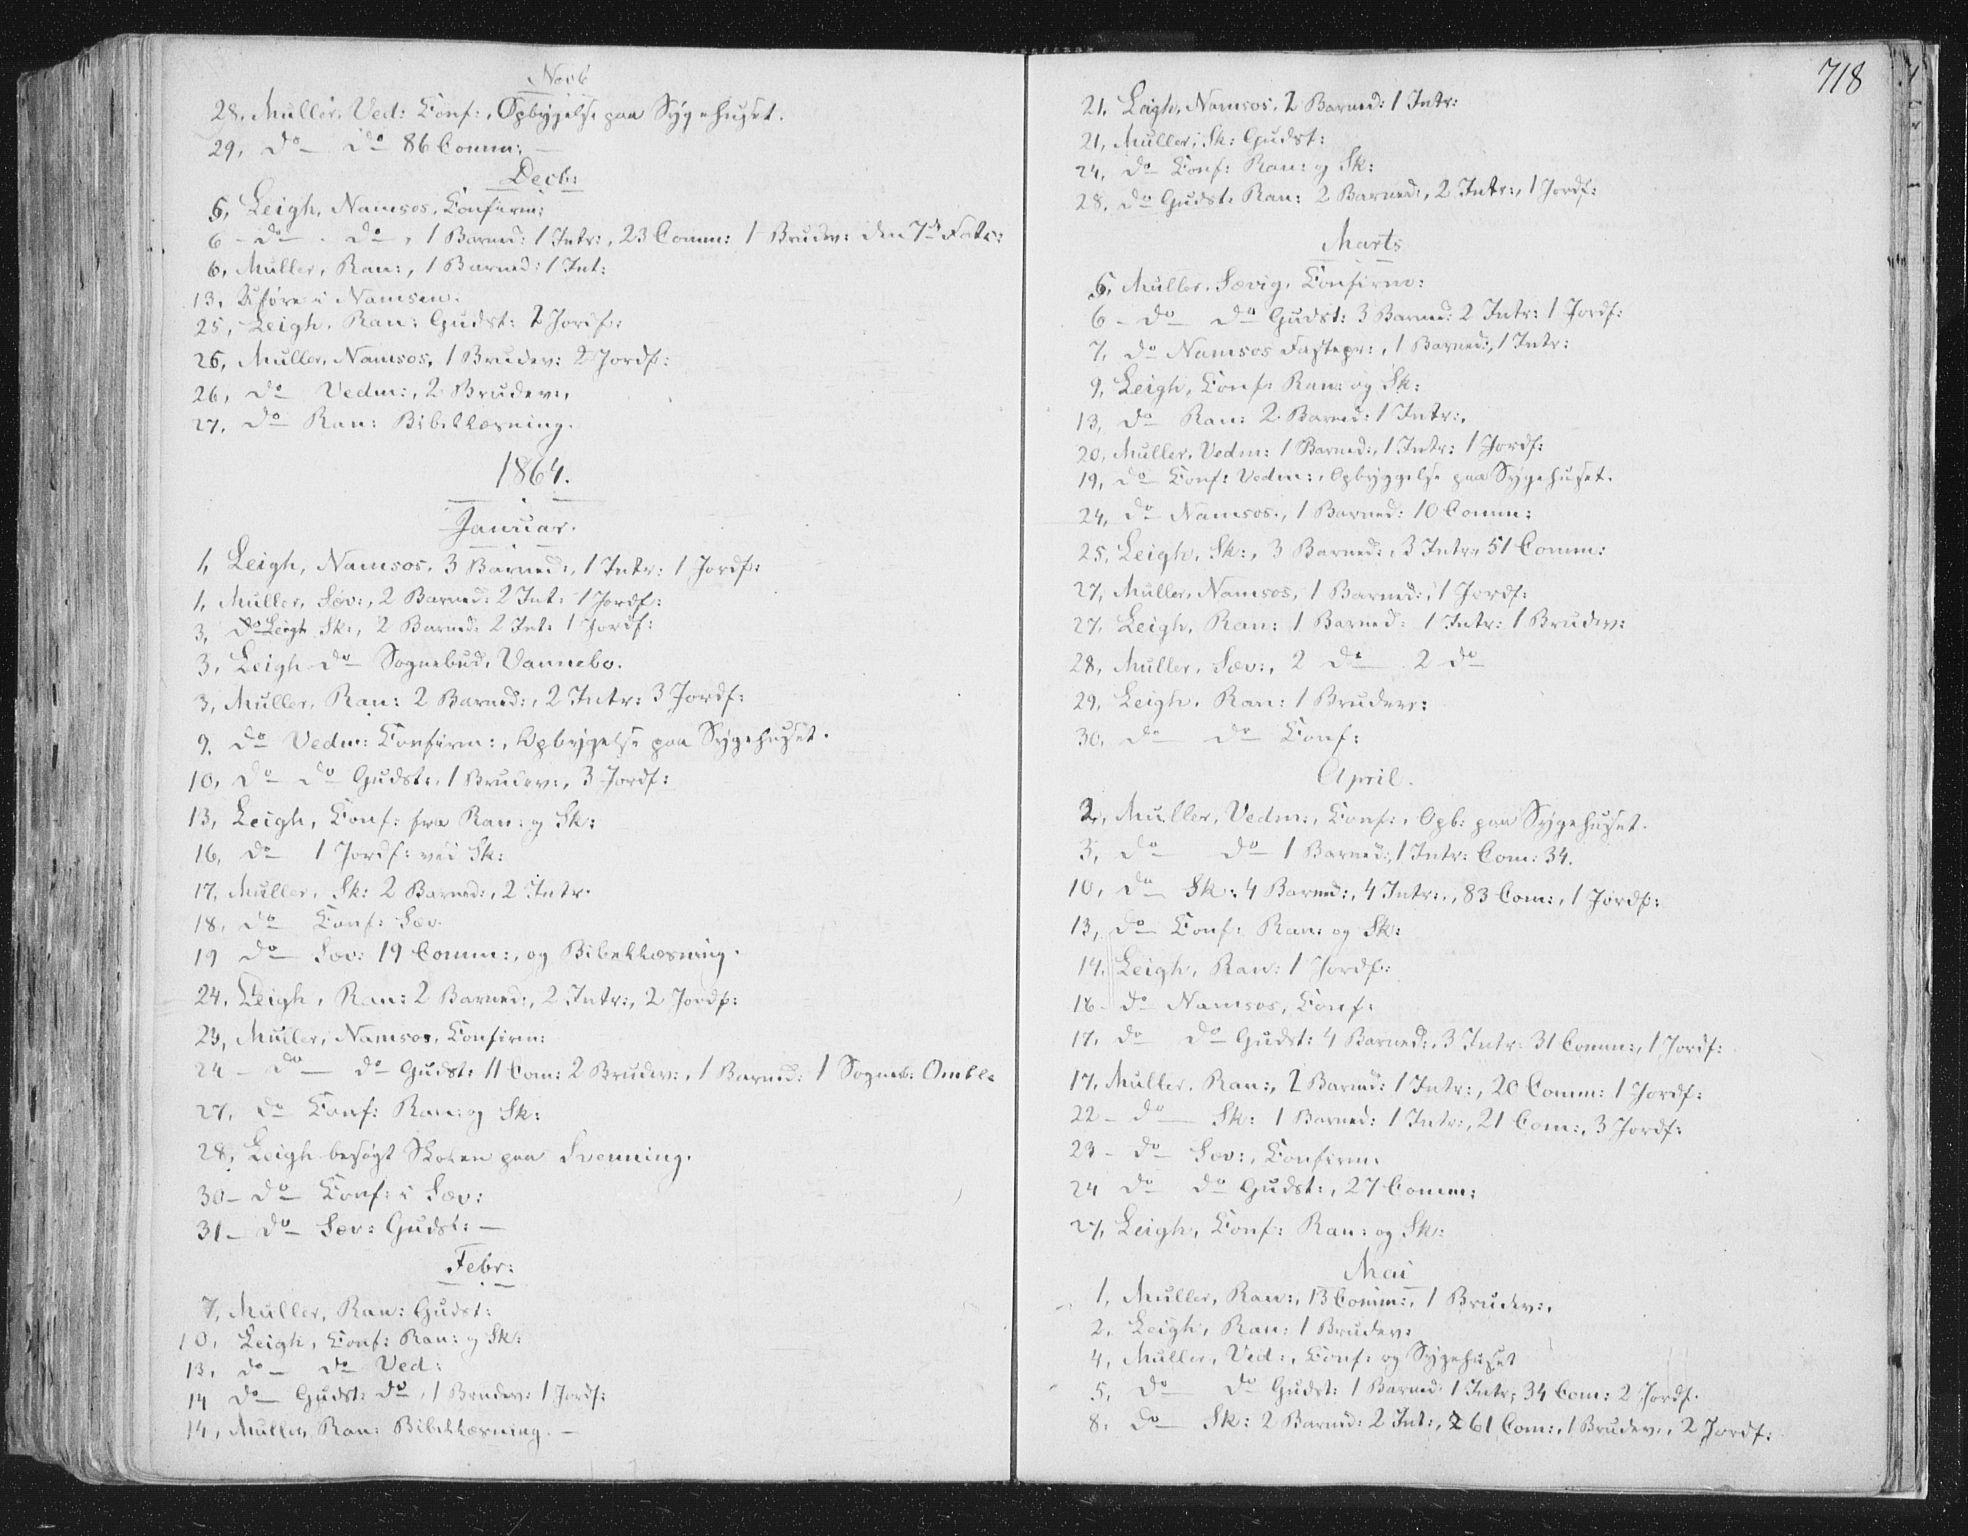 SAT, Ministerialprotokoller, klokkerbøker og fødselsregistre - Nord-Trøndelag, 764/L0552: Ministerialbok nr. 764A07b, 1824-1865, s. 718